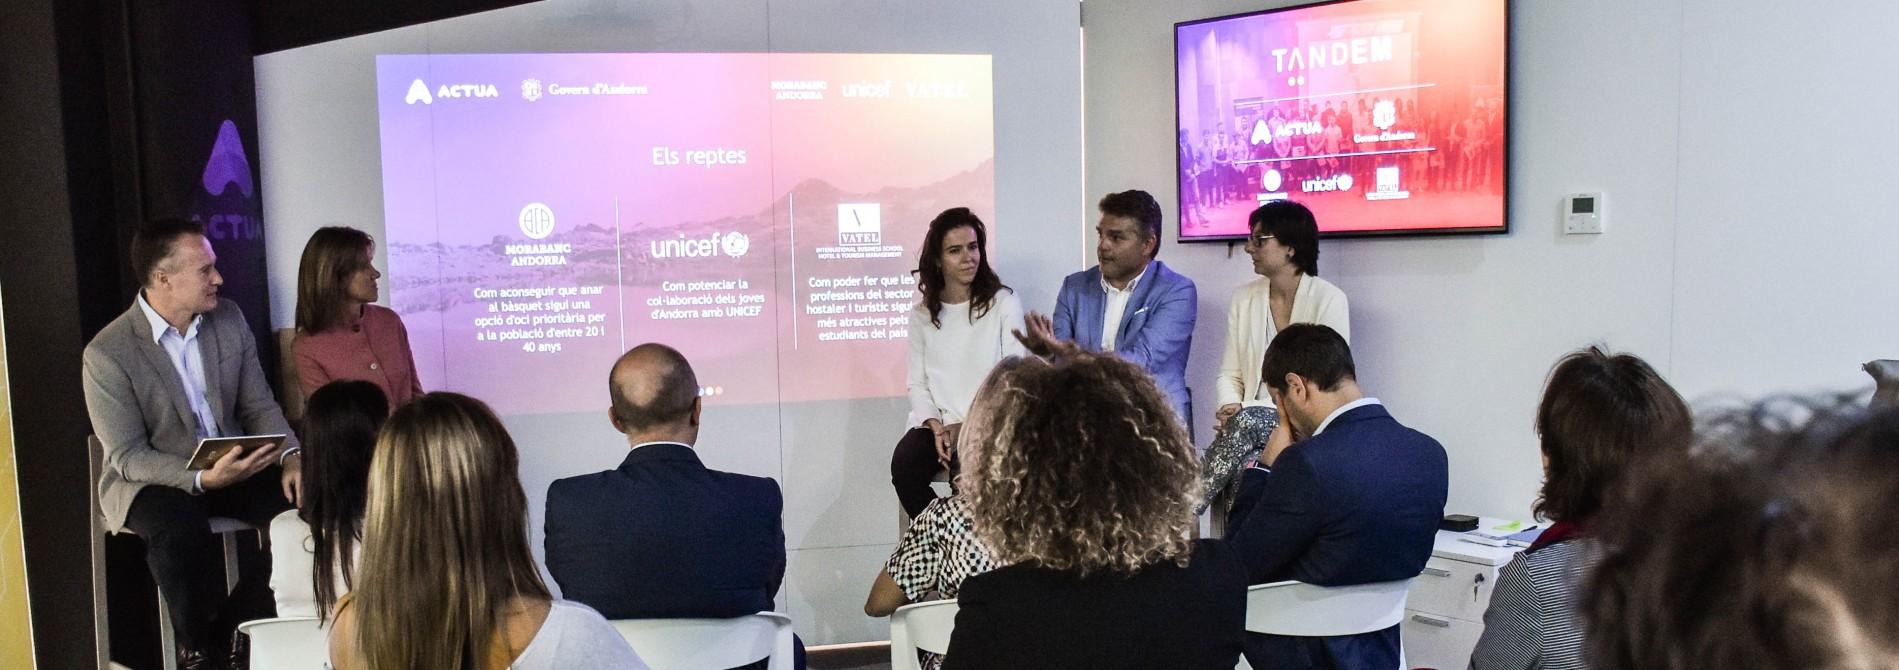 Unicef et Vatel travailleront avec des étudiants en formation professionnelle lors de la quatrième édition du projet Tàndem